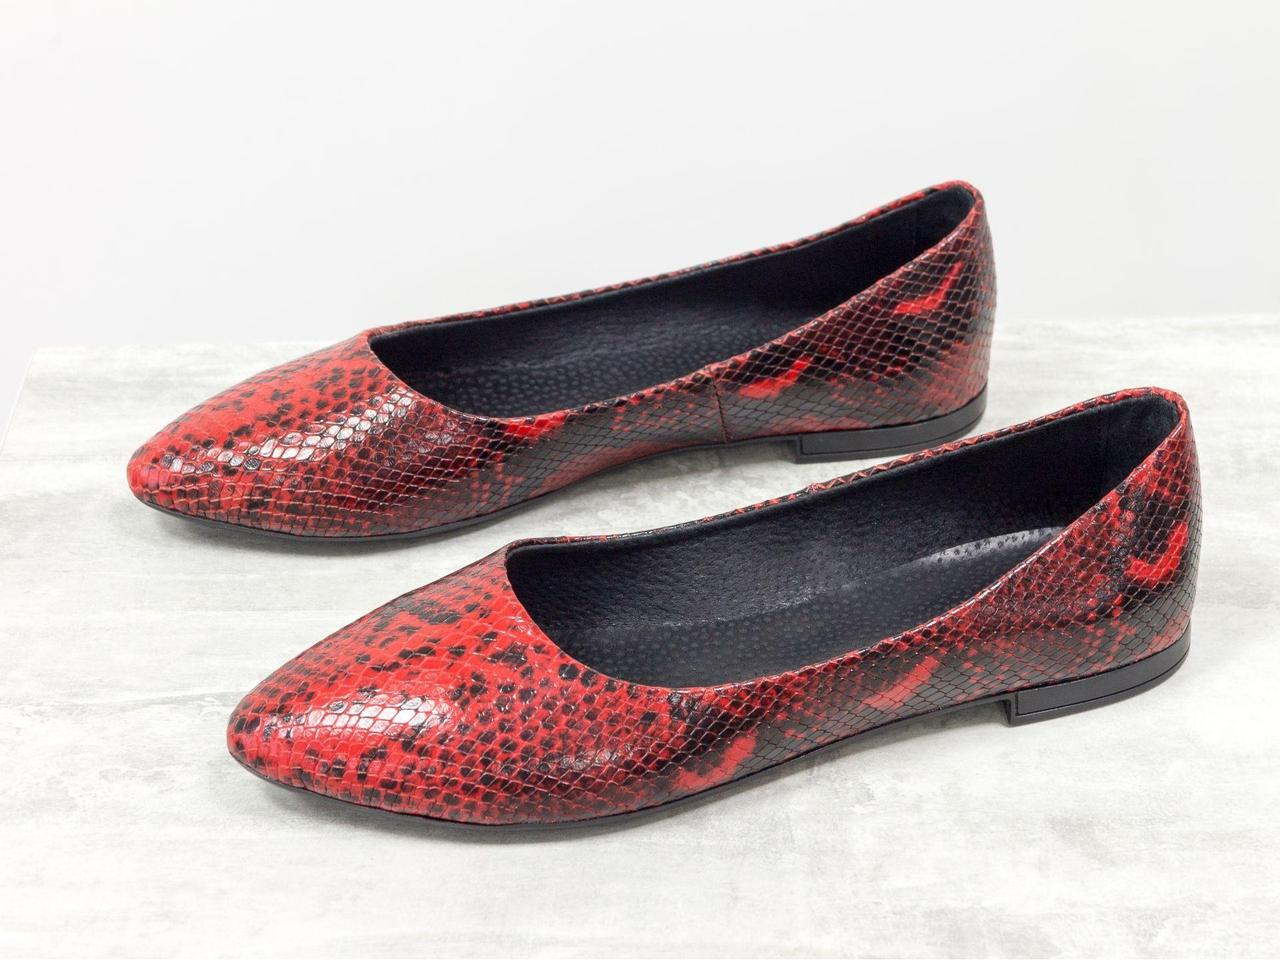 Балетки из натурального эксклюзивной кожи красного цвета с текстурой анаконда, на облегченной черной подошве, Т-413-45